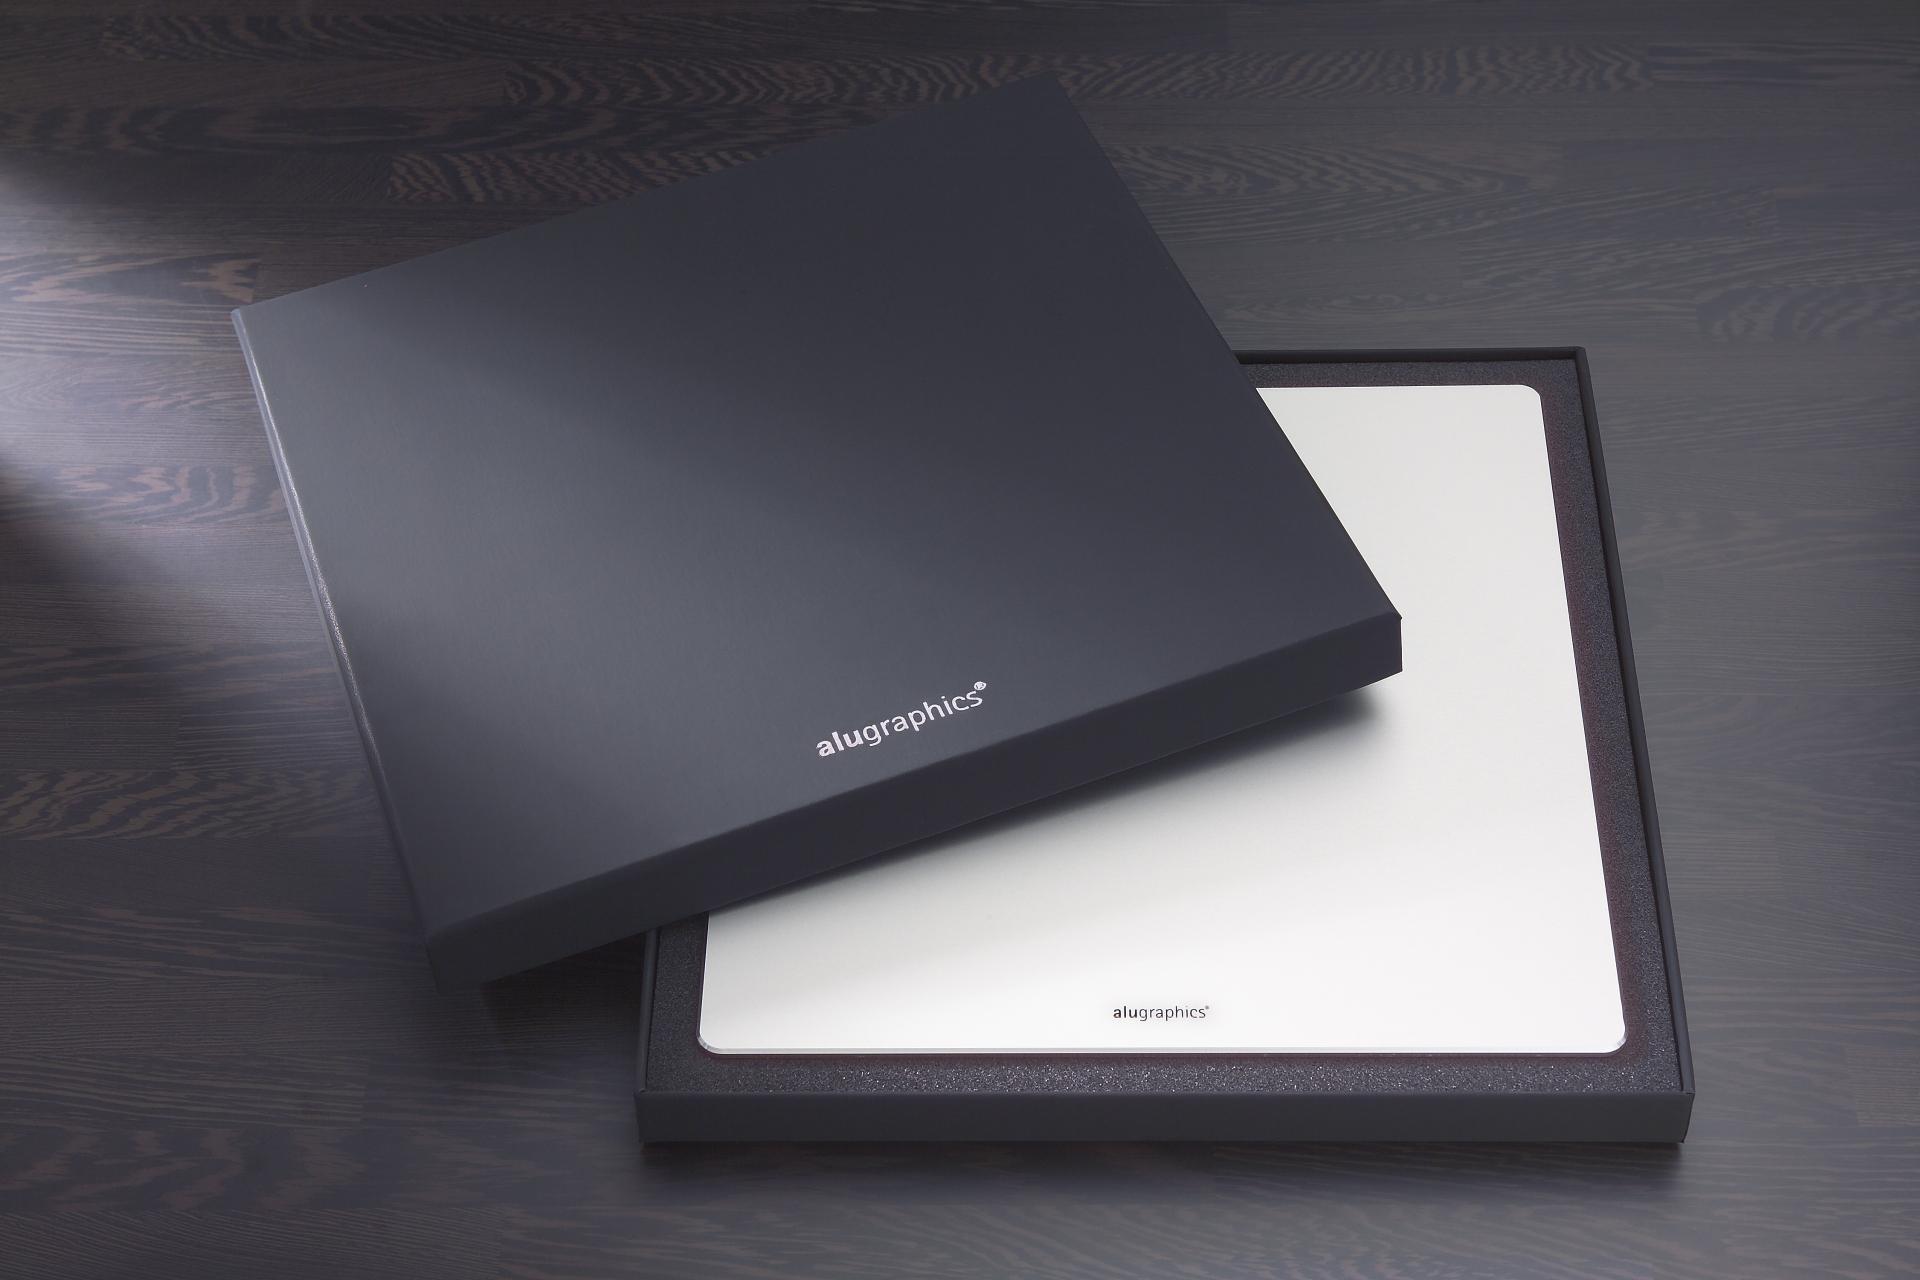 Das alugraphics Alu Mauspad für Mac in edler Geschenkbox